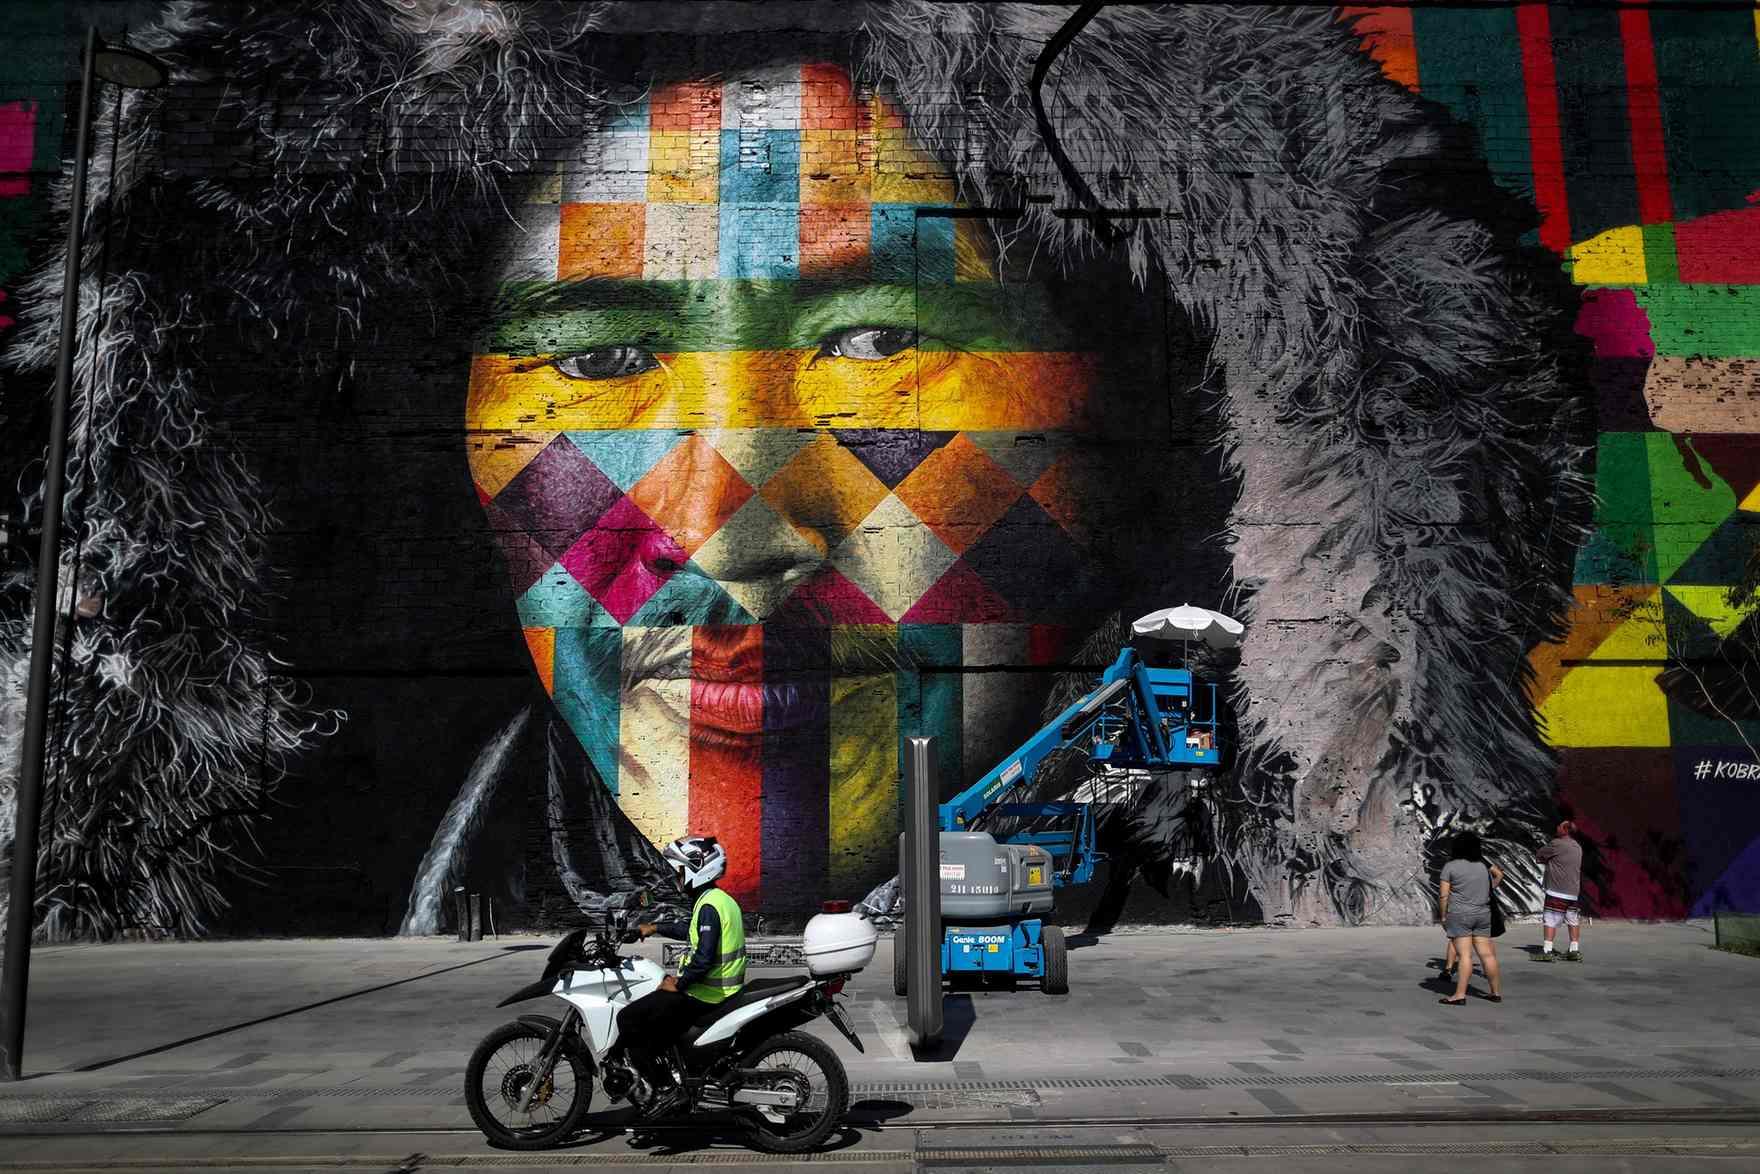 mural eduardo kobra rio de janeiro las etnias olimpiadas 2016 maior graffiti do mundo (5)